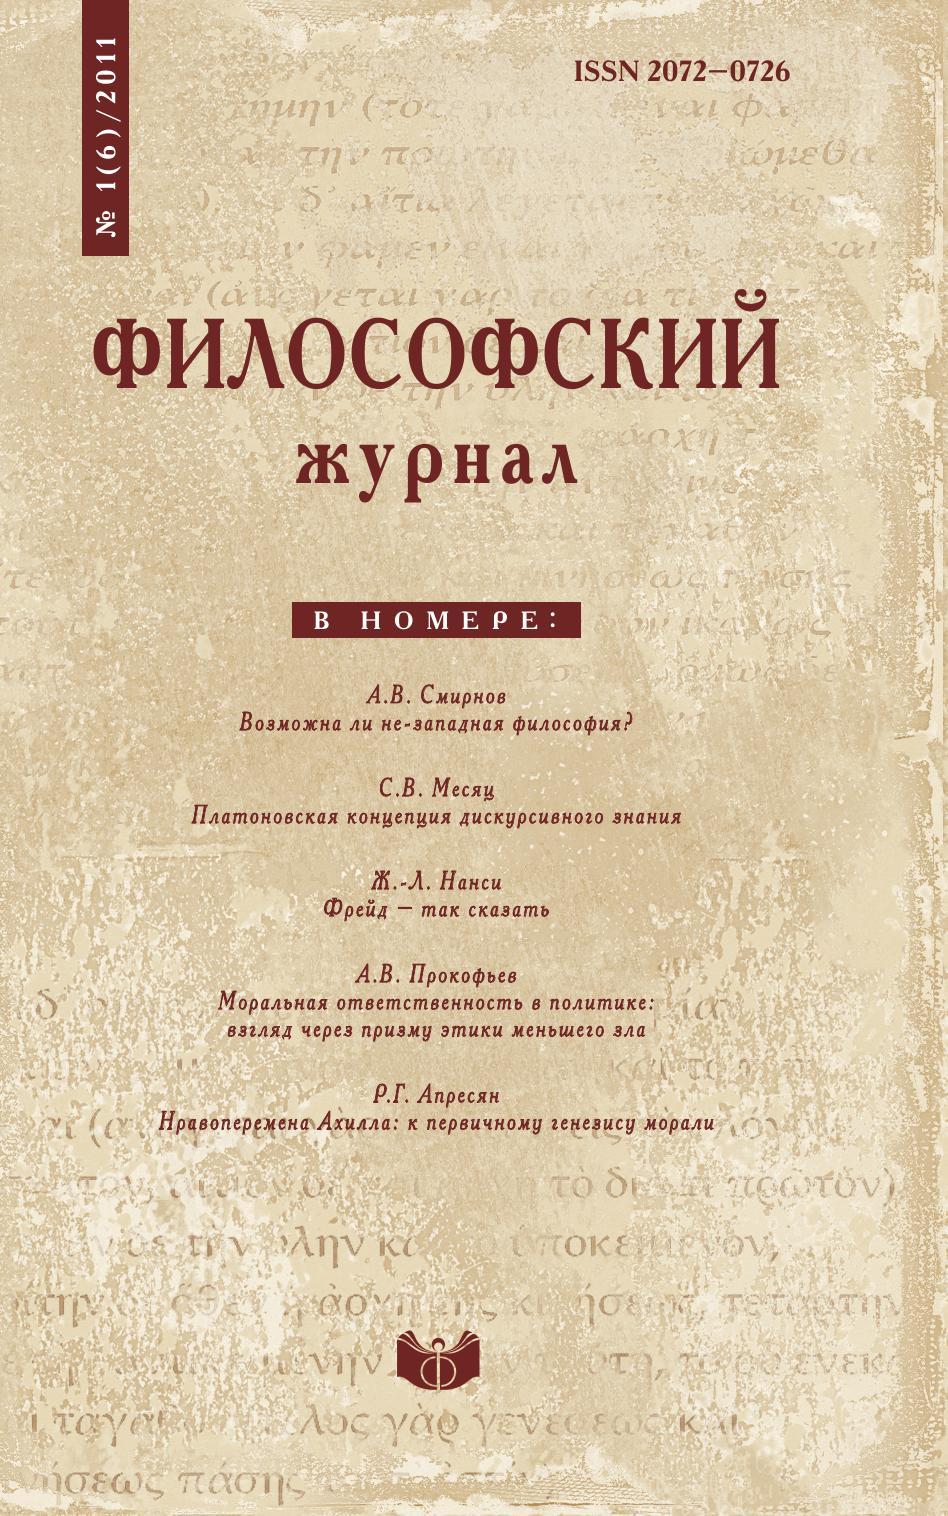 сборник Философский журнал. .1 (6) 2011